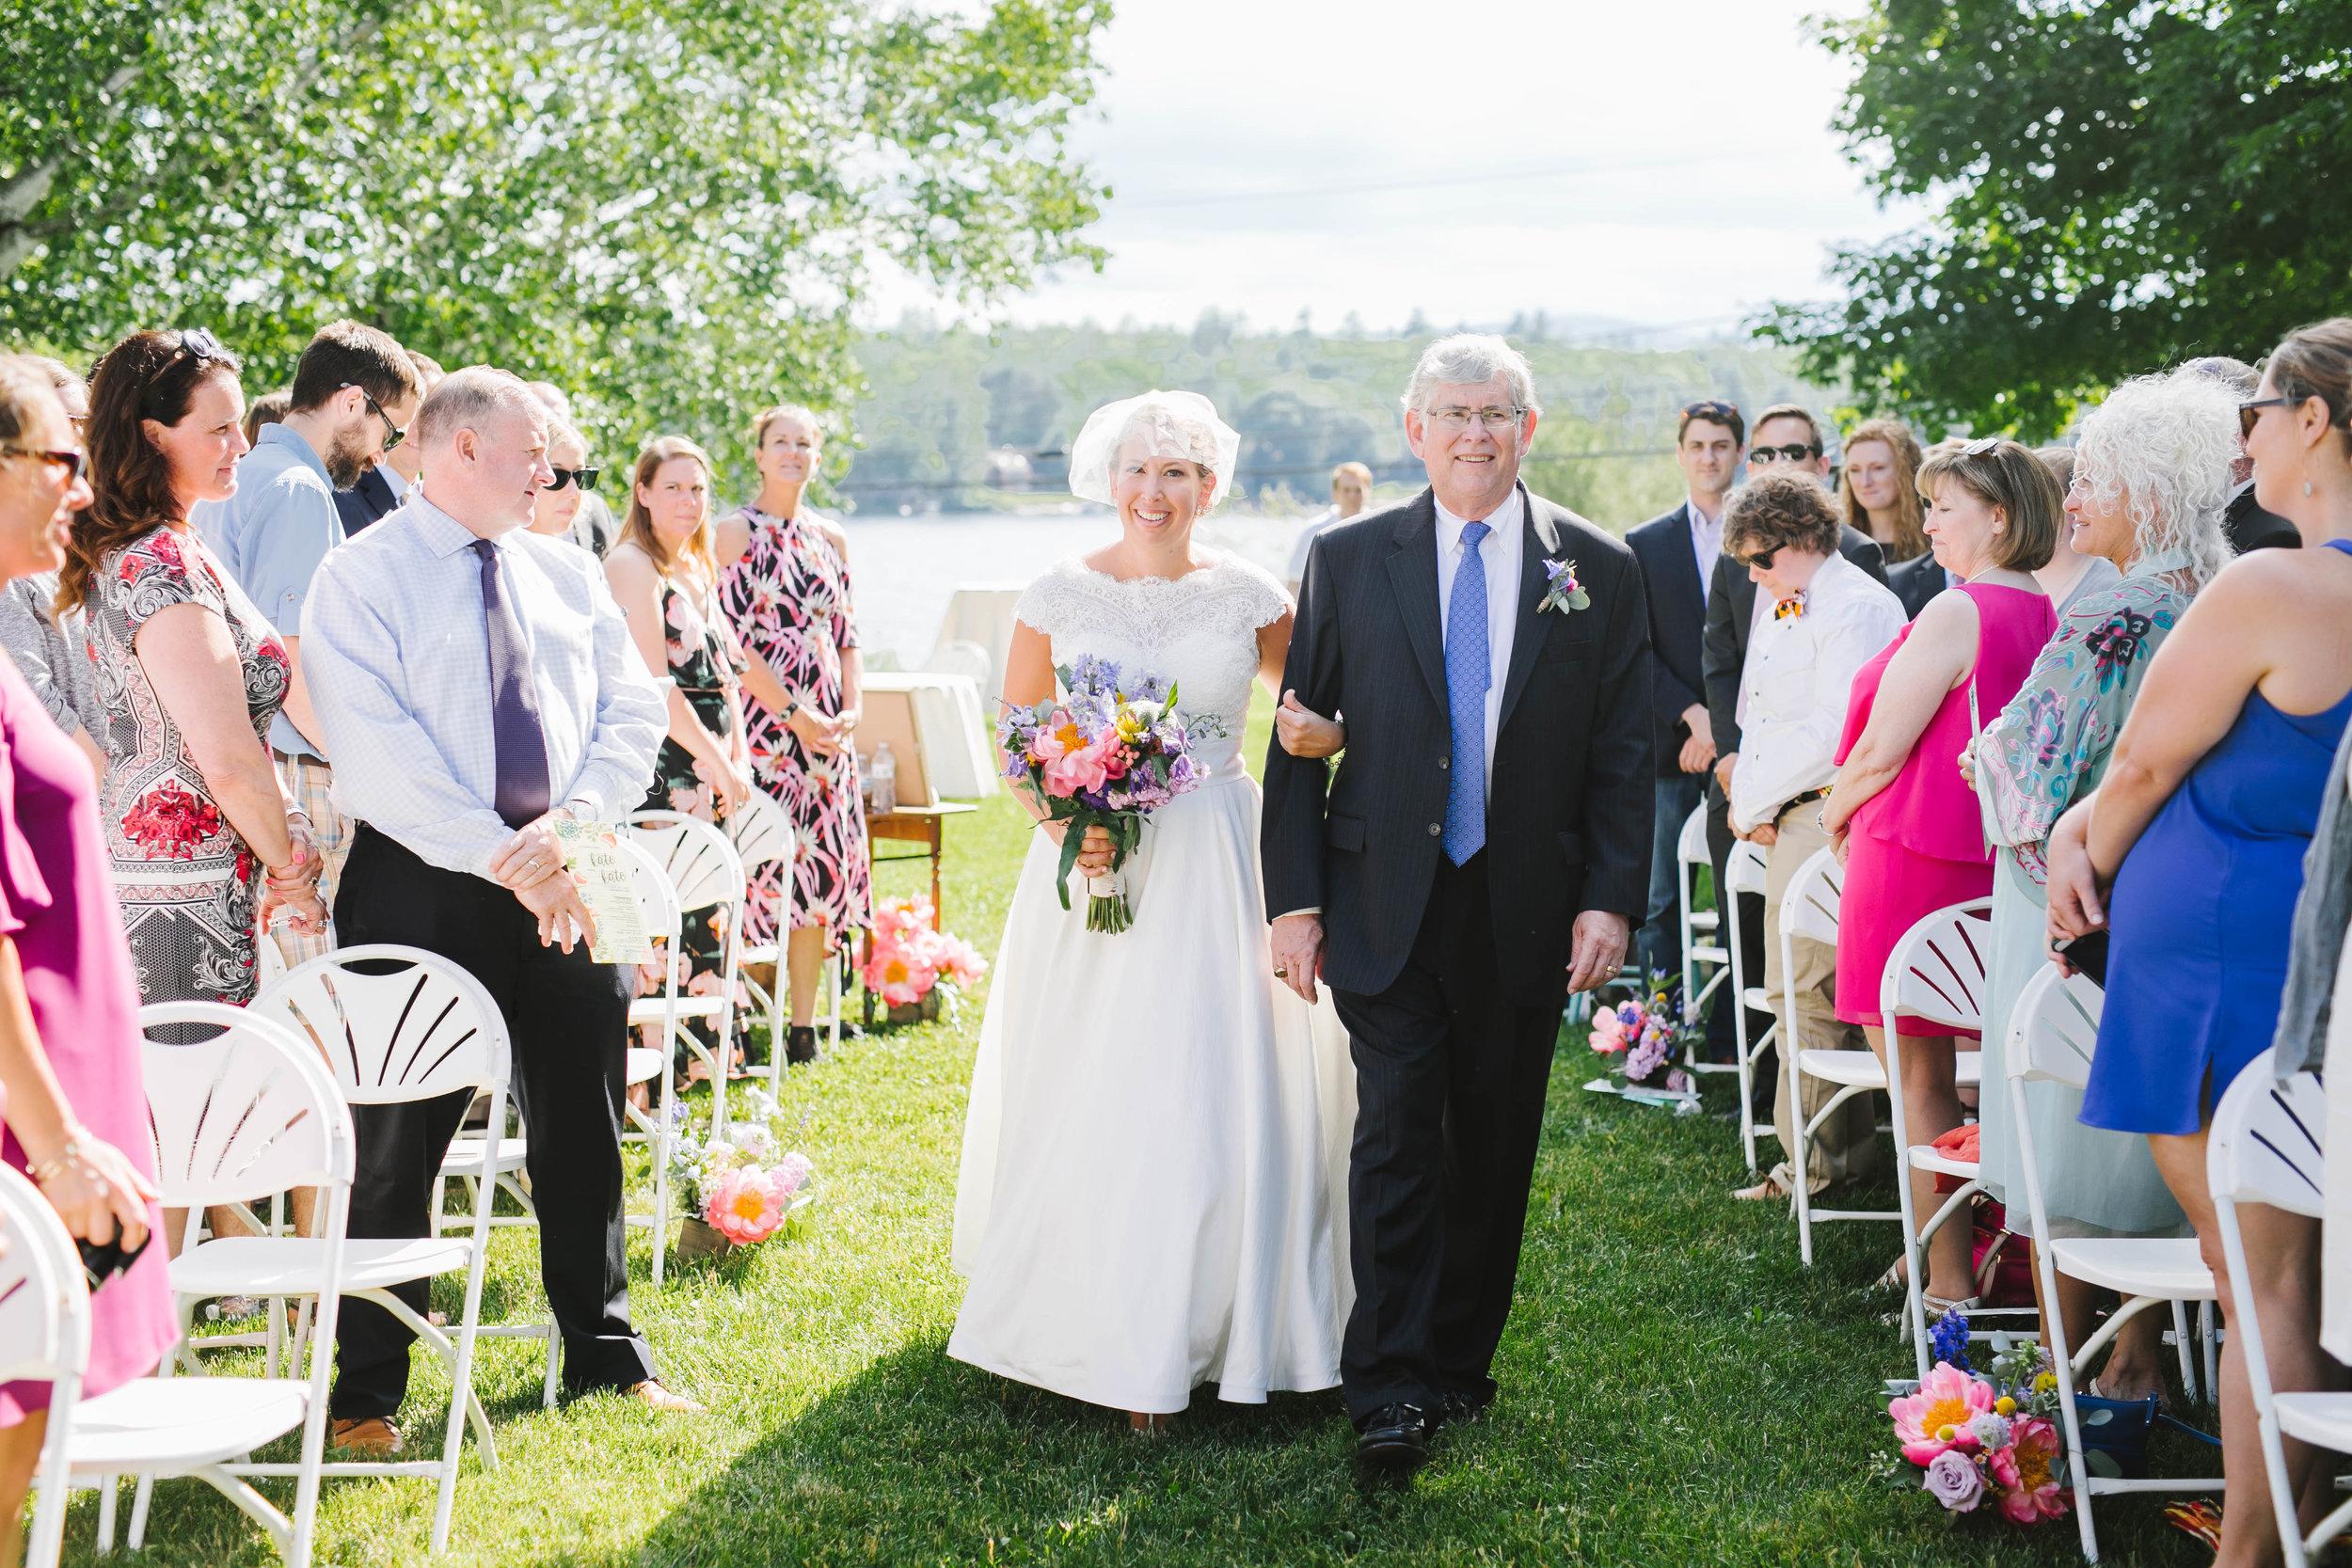 Wedding at Inn at Newfound Lake Bristol RI Kate and Kate-6.jpg